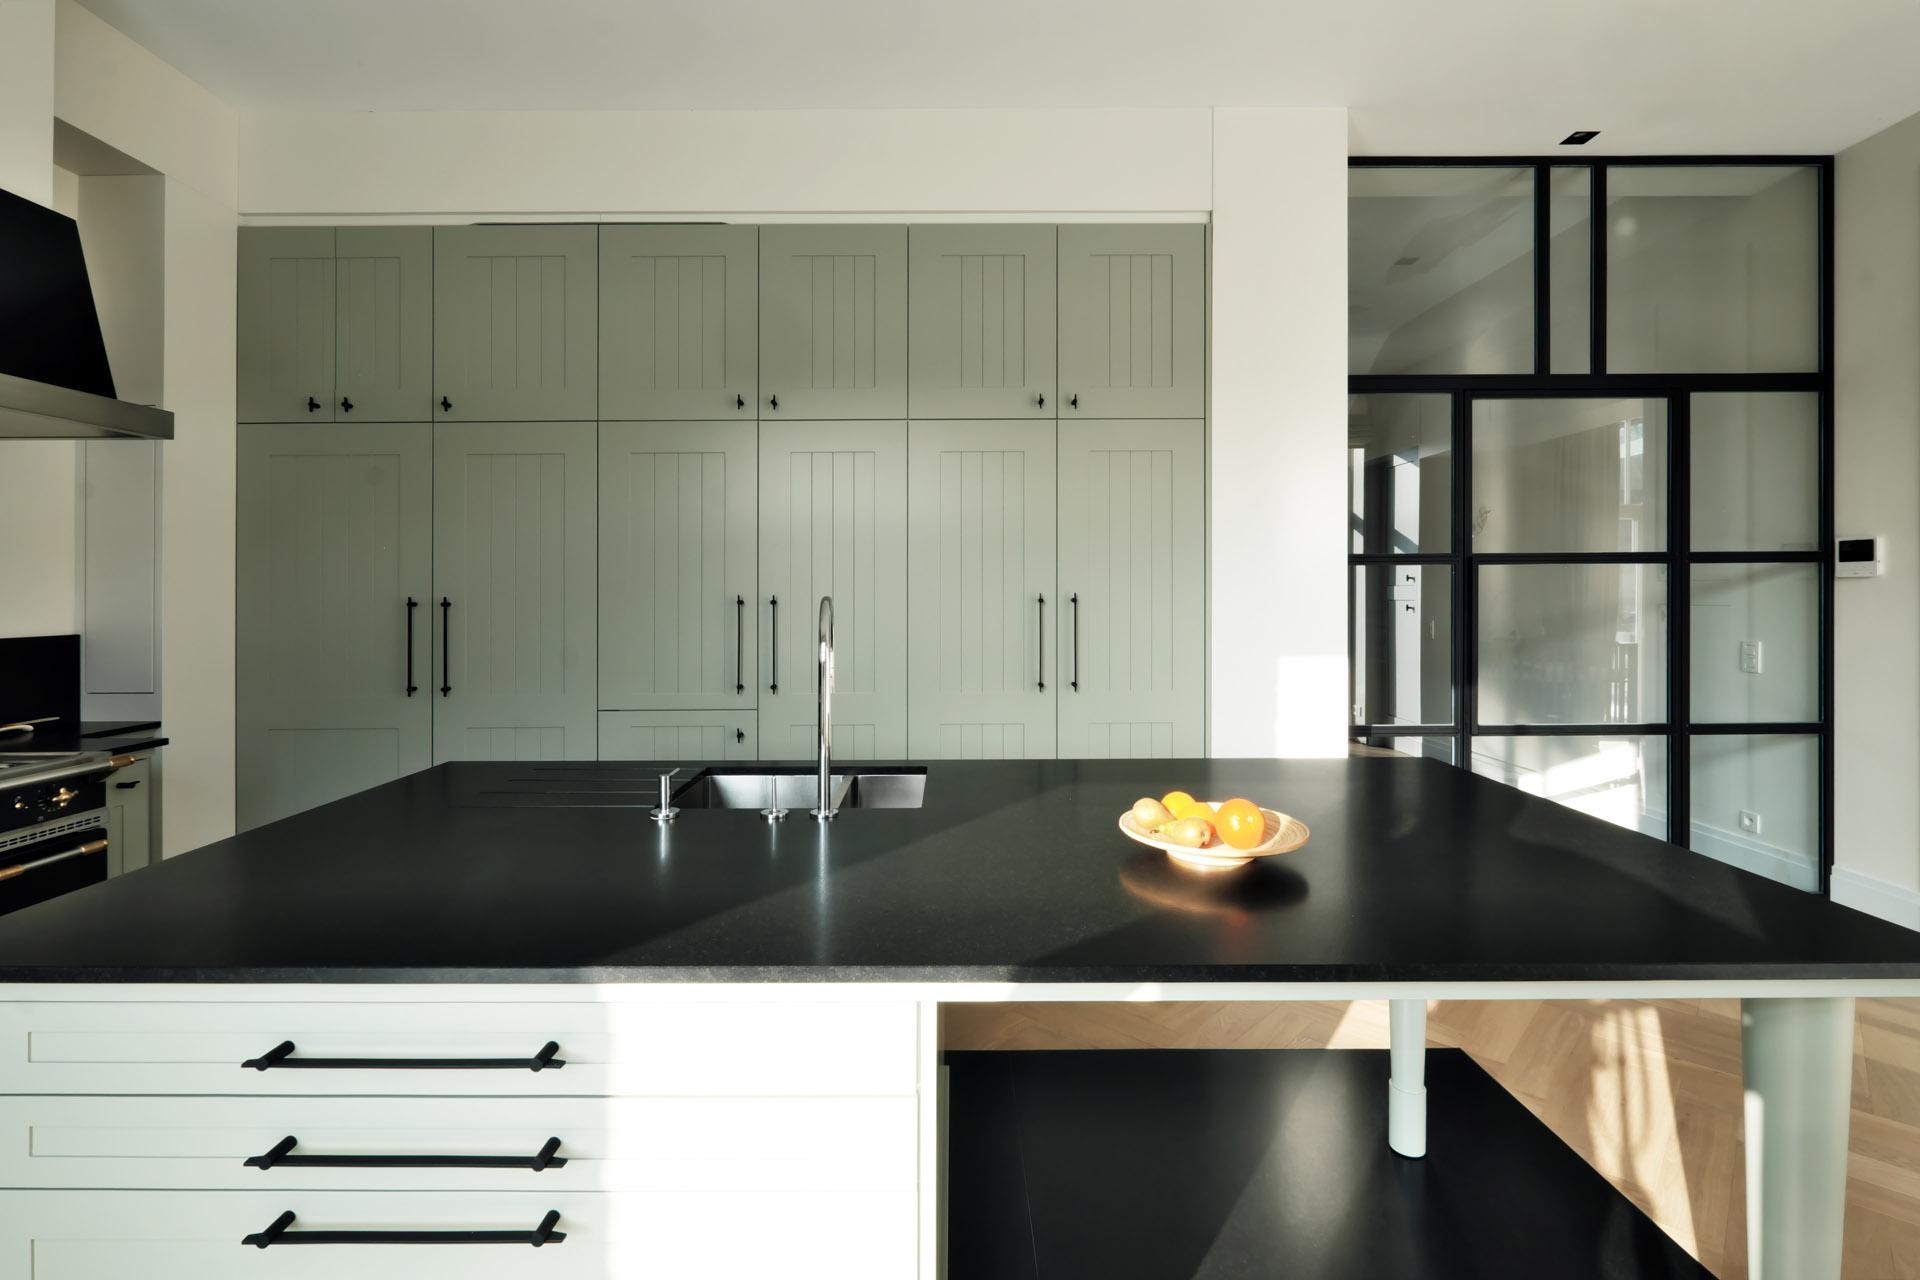 Kücheninsel aus Nero Assoluto in einer ländlichen Traumküche